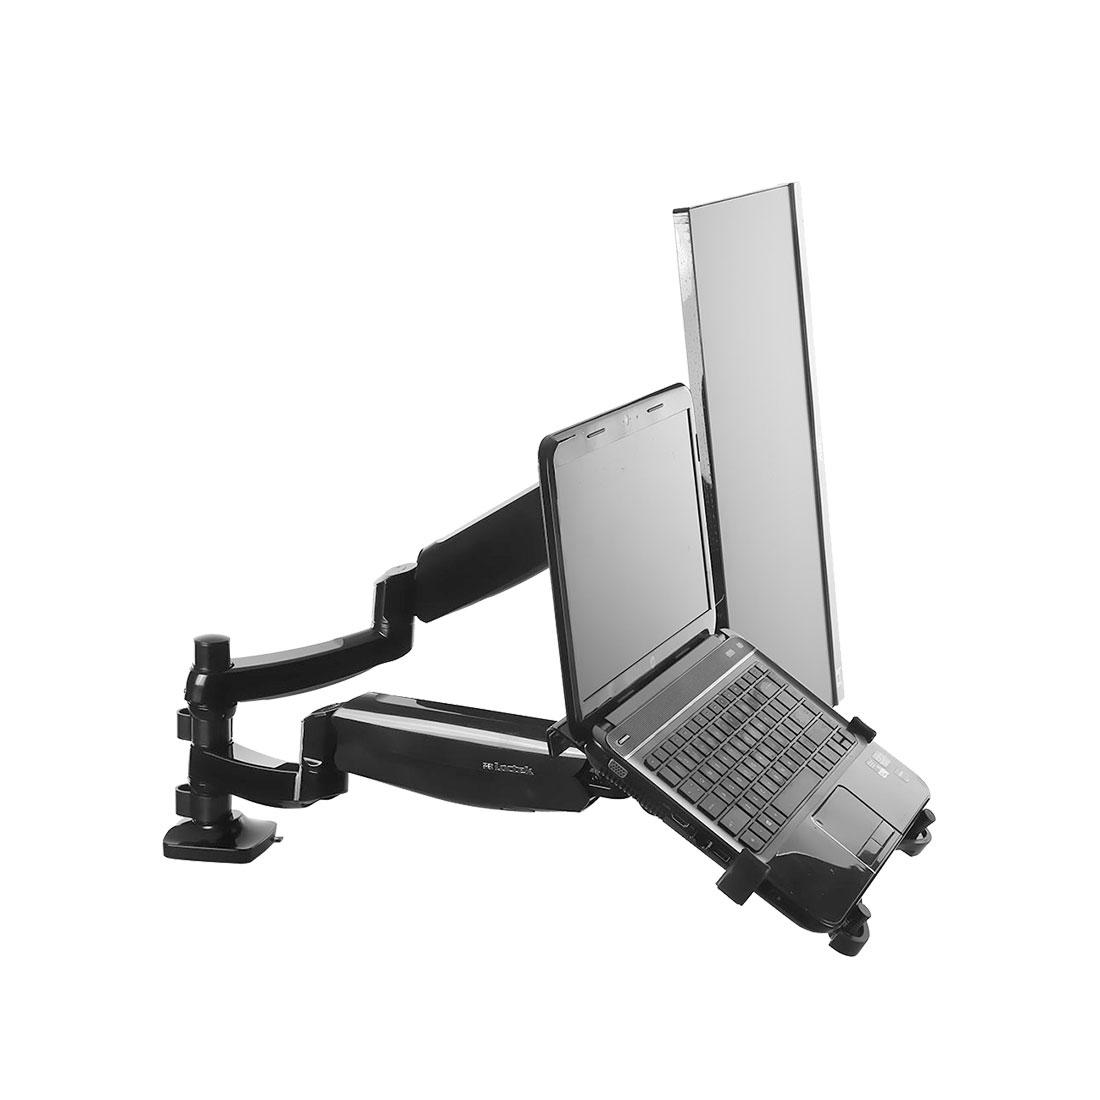 록텍 듀얼 모니터 암 노트북 거치대, D5DL, 혼합색상